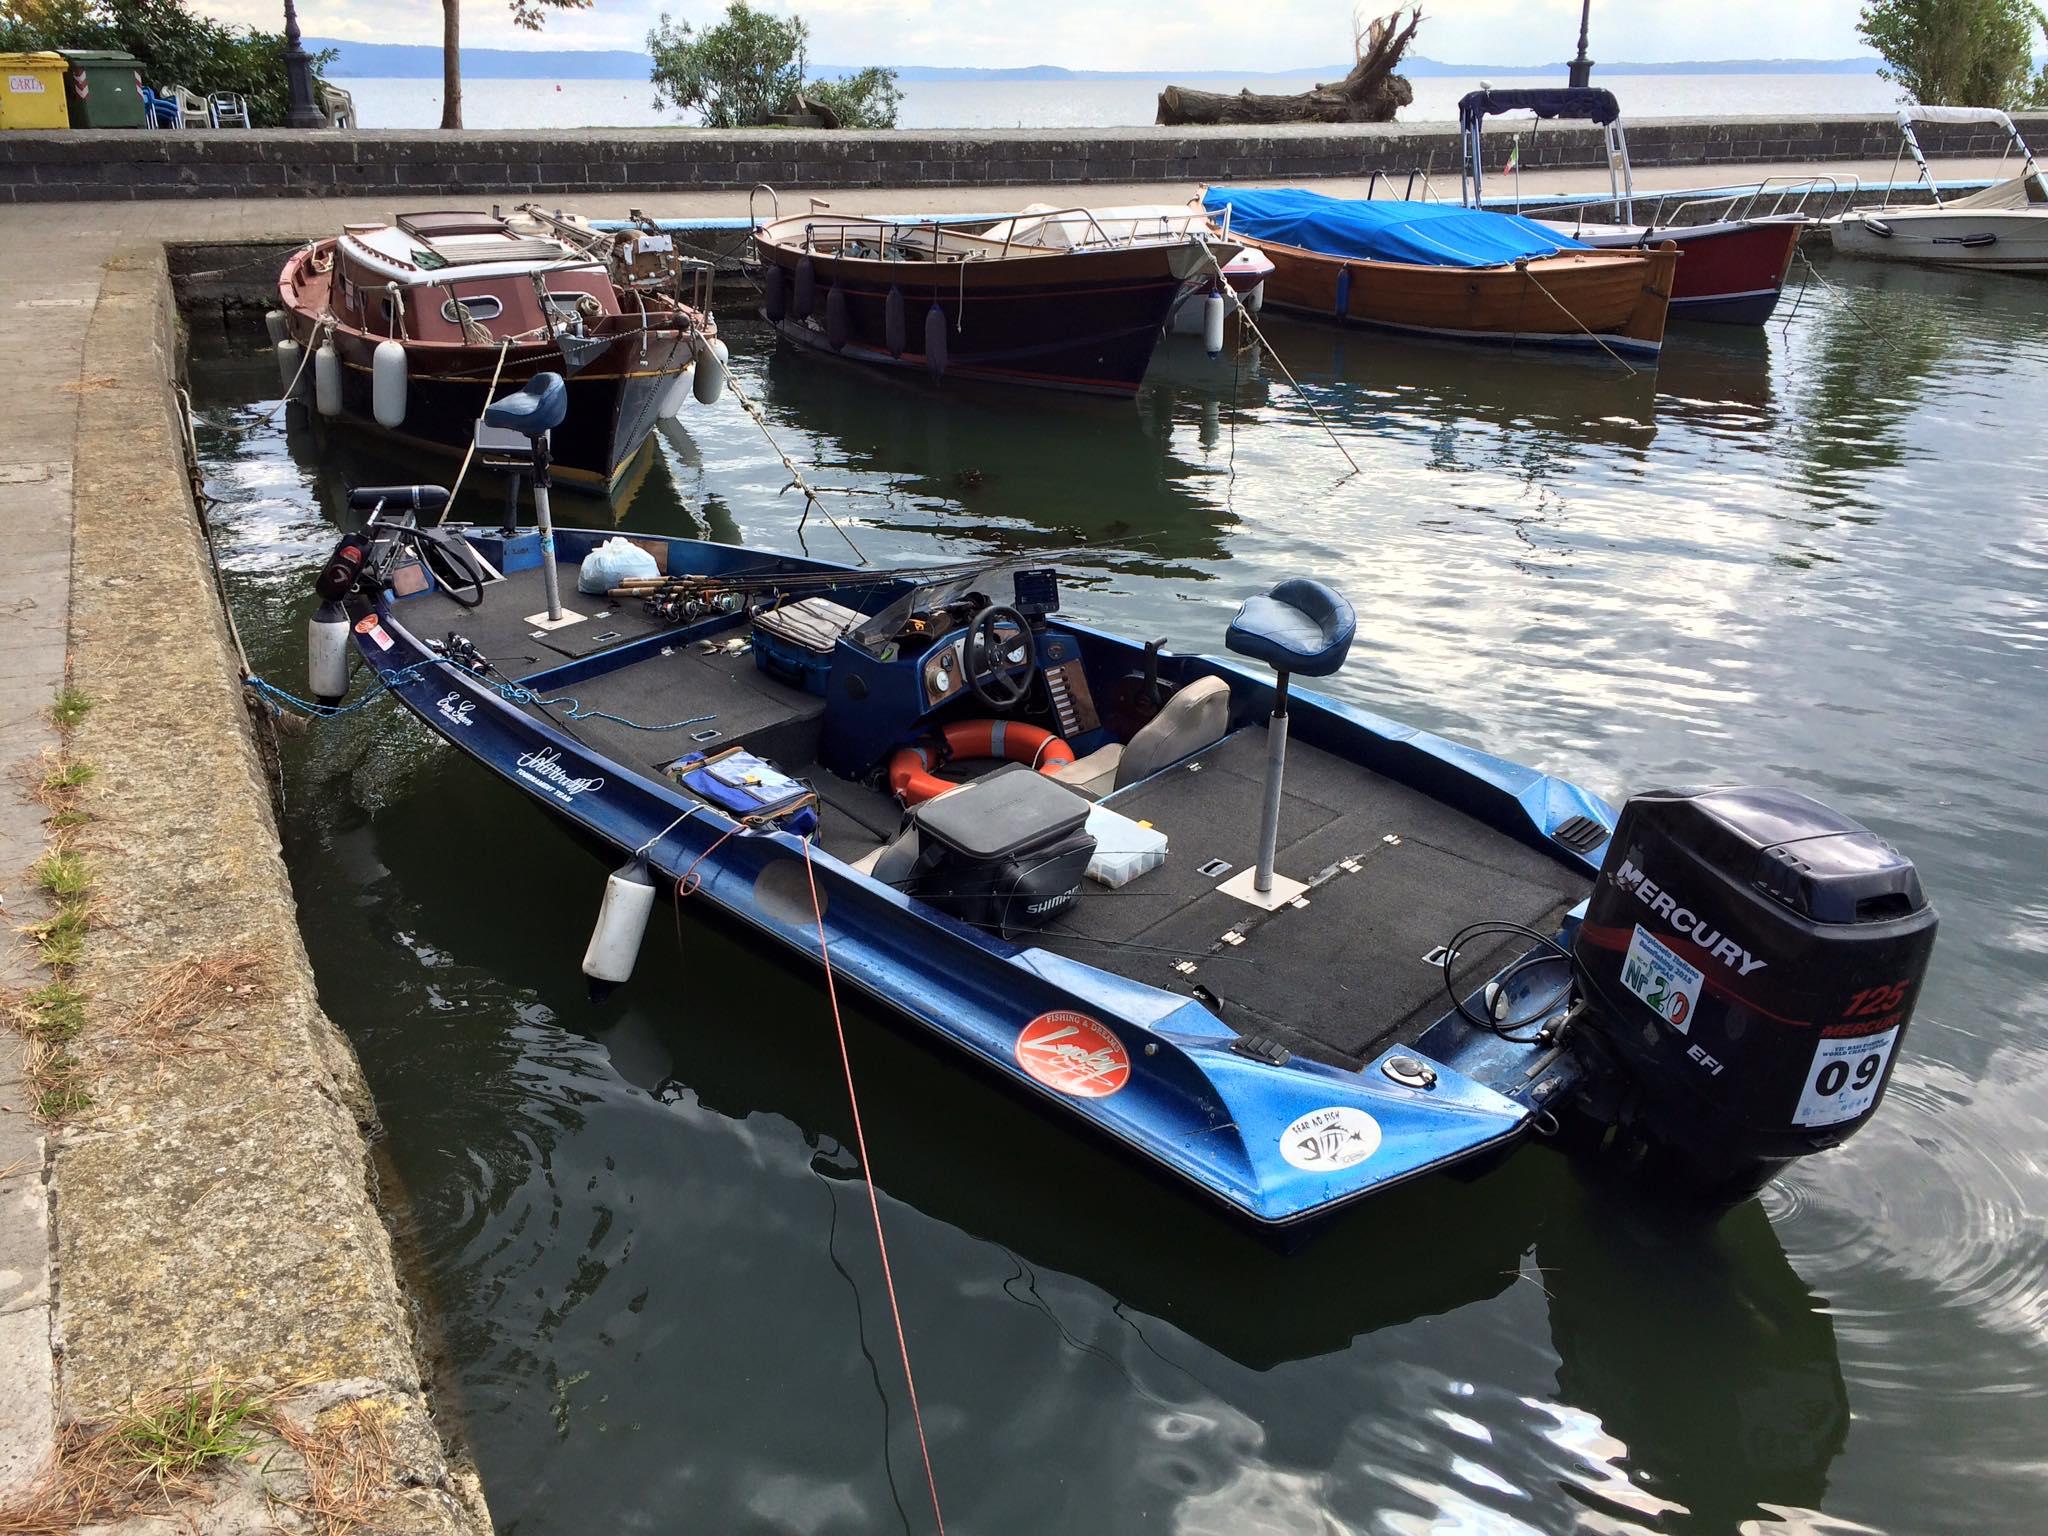 La barca di Marco.